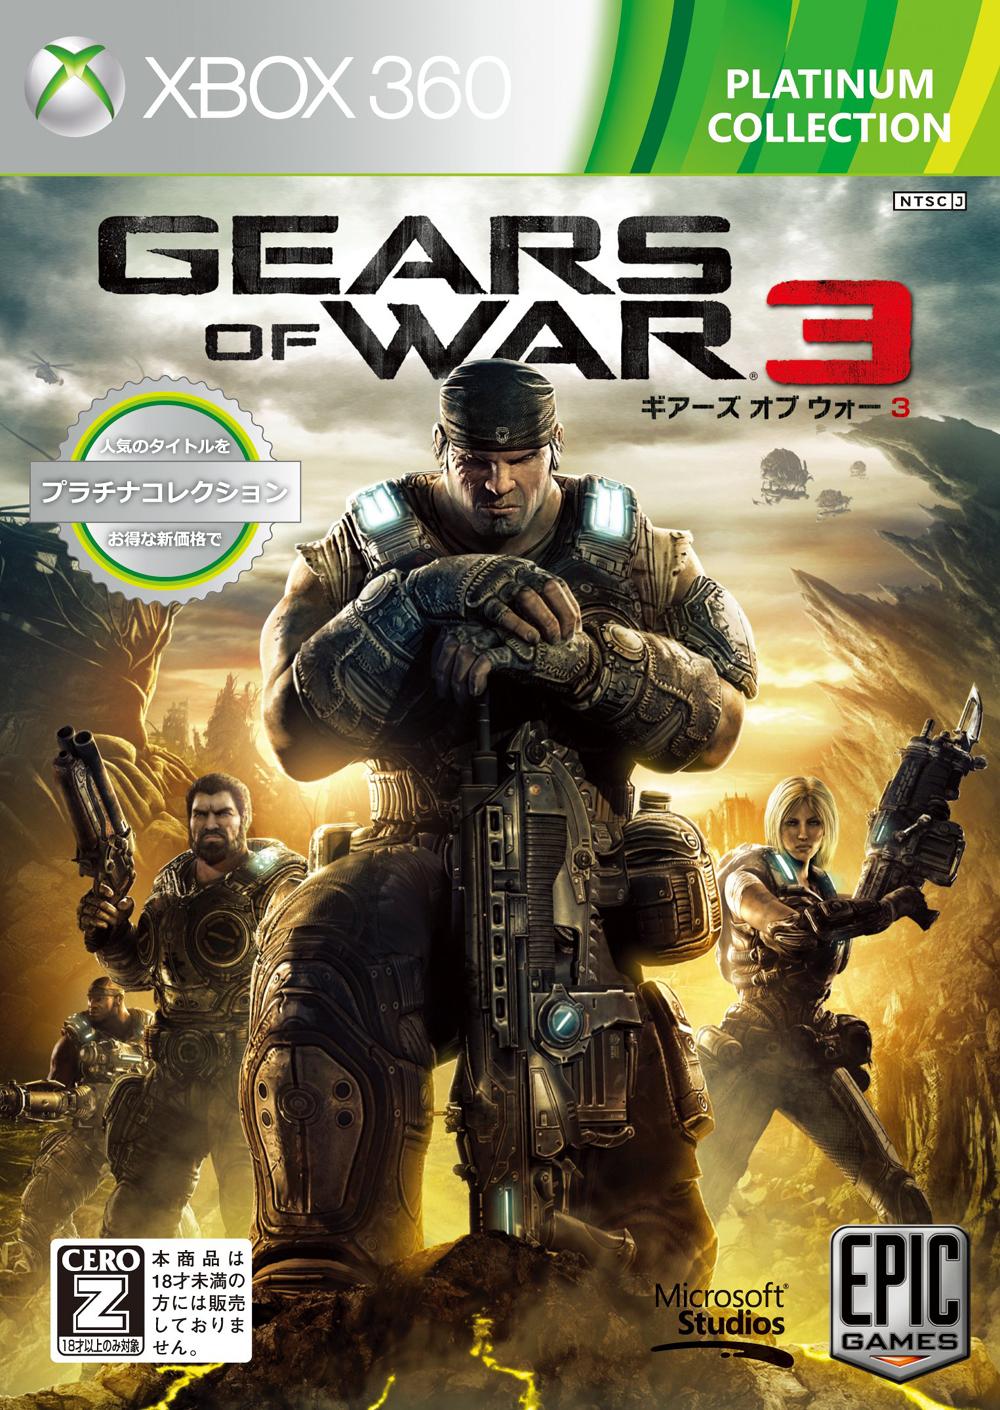 Xbox 360プラチナコレクション「Gears of War 3」を購入すると「Gears of War: Judgment」クリアファイルが貰える